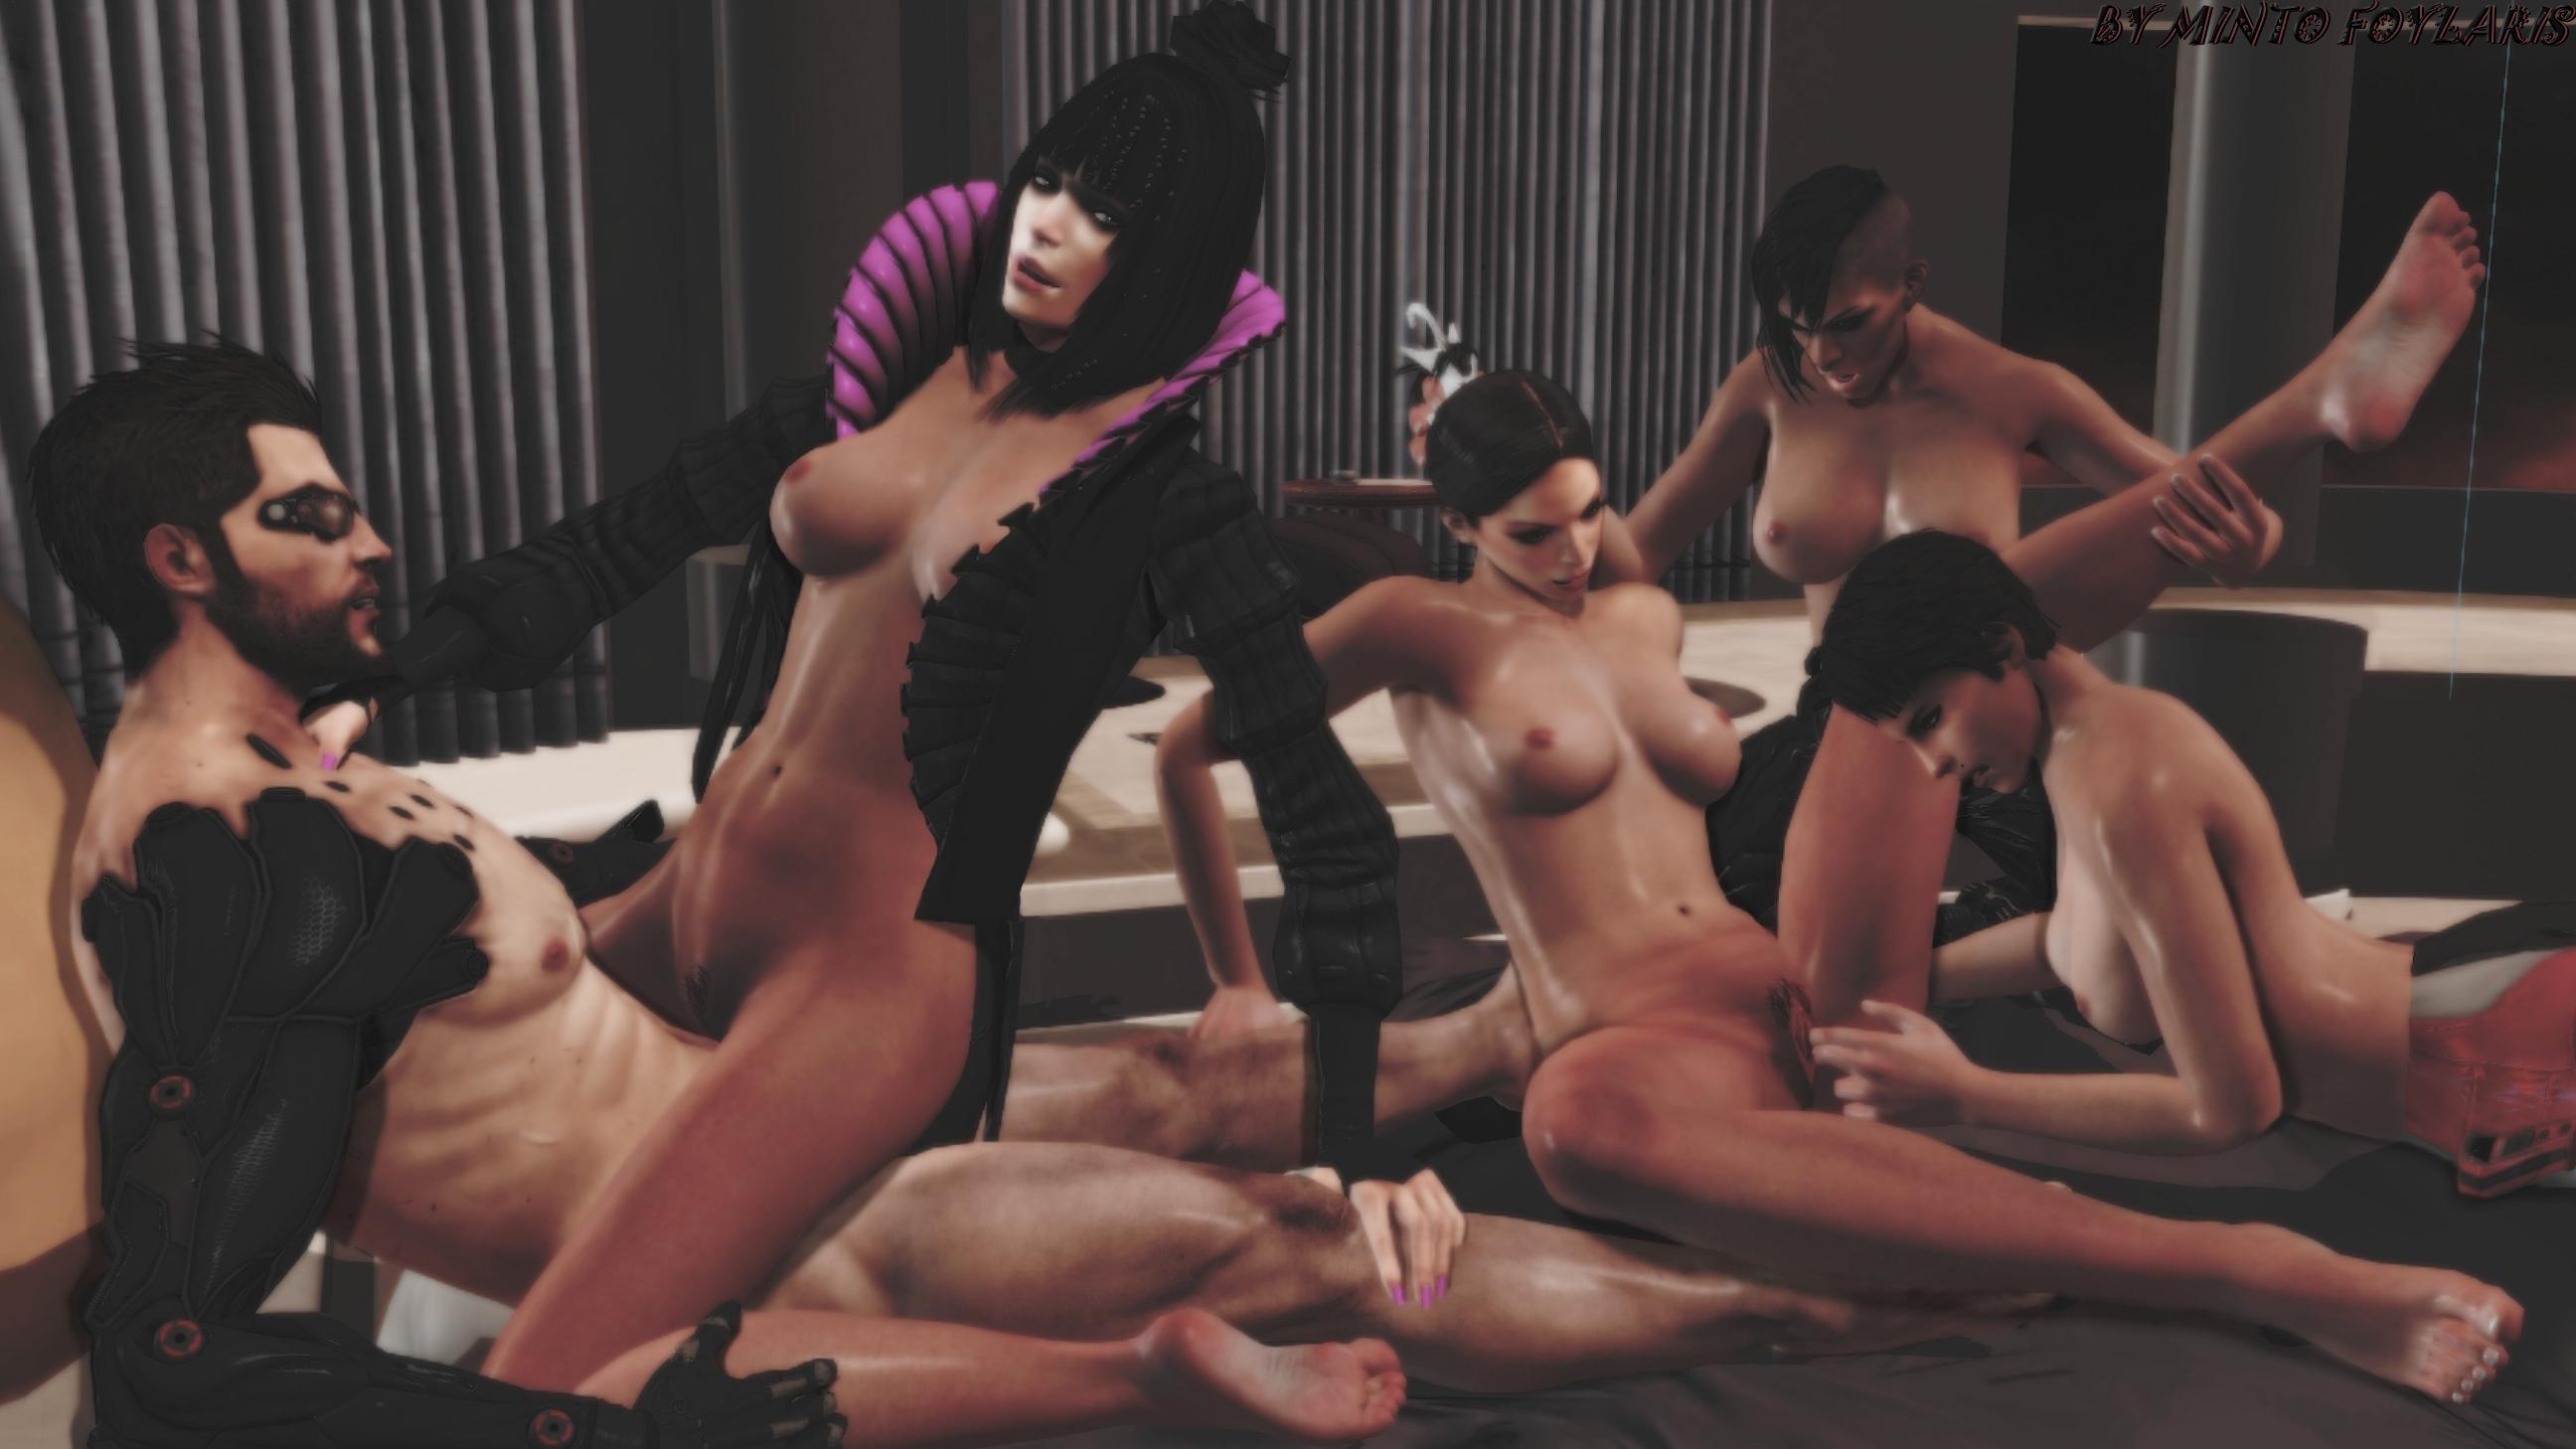 Deus ex nude hardcore movie